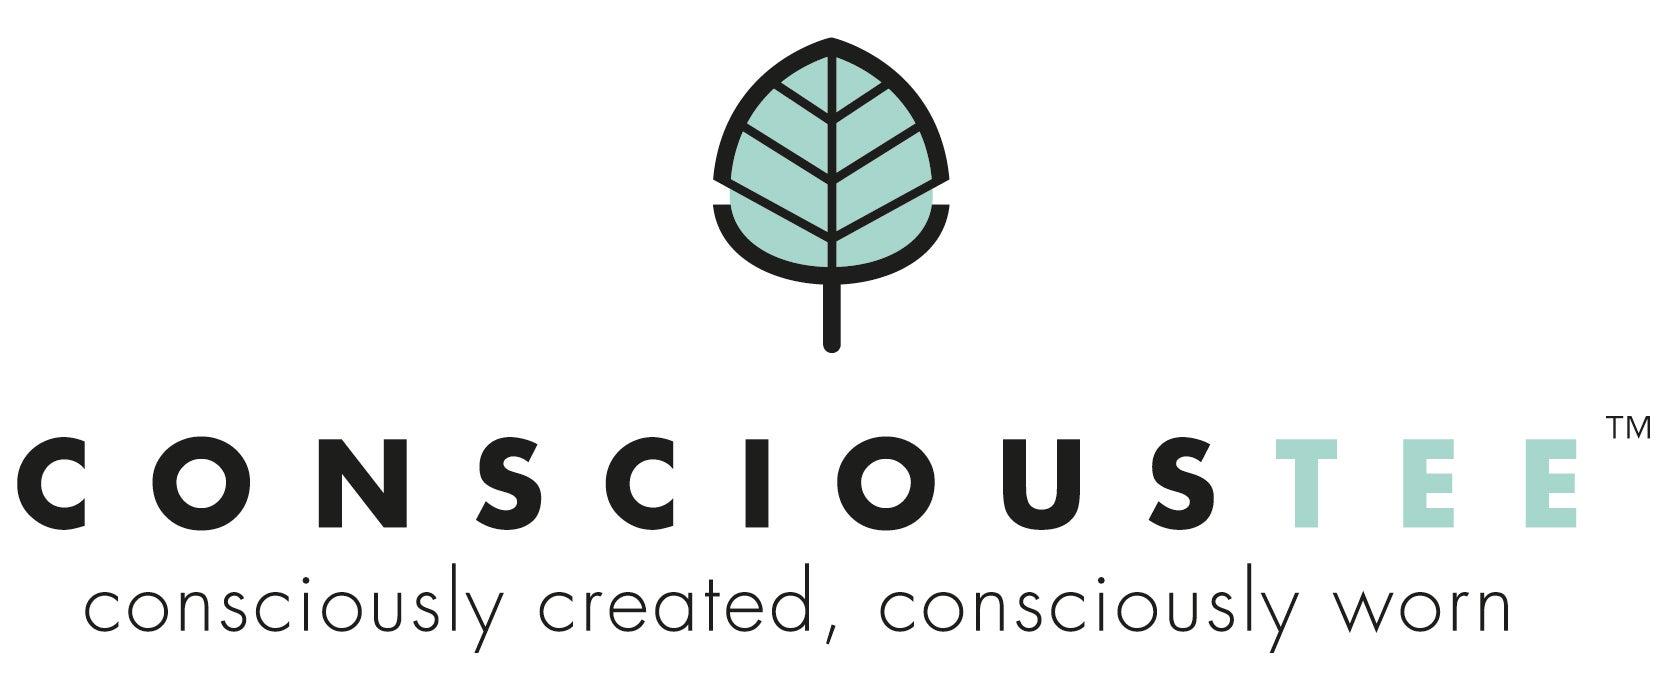 ConsciousTee™